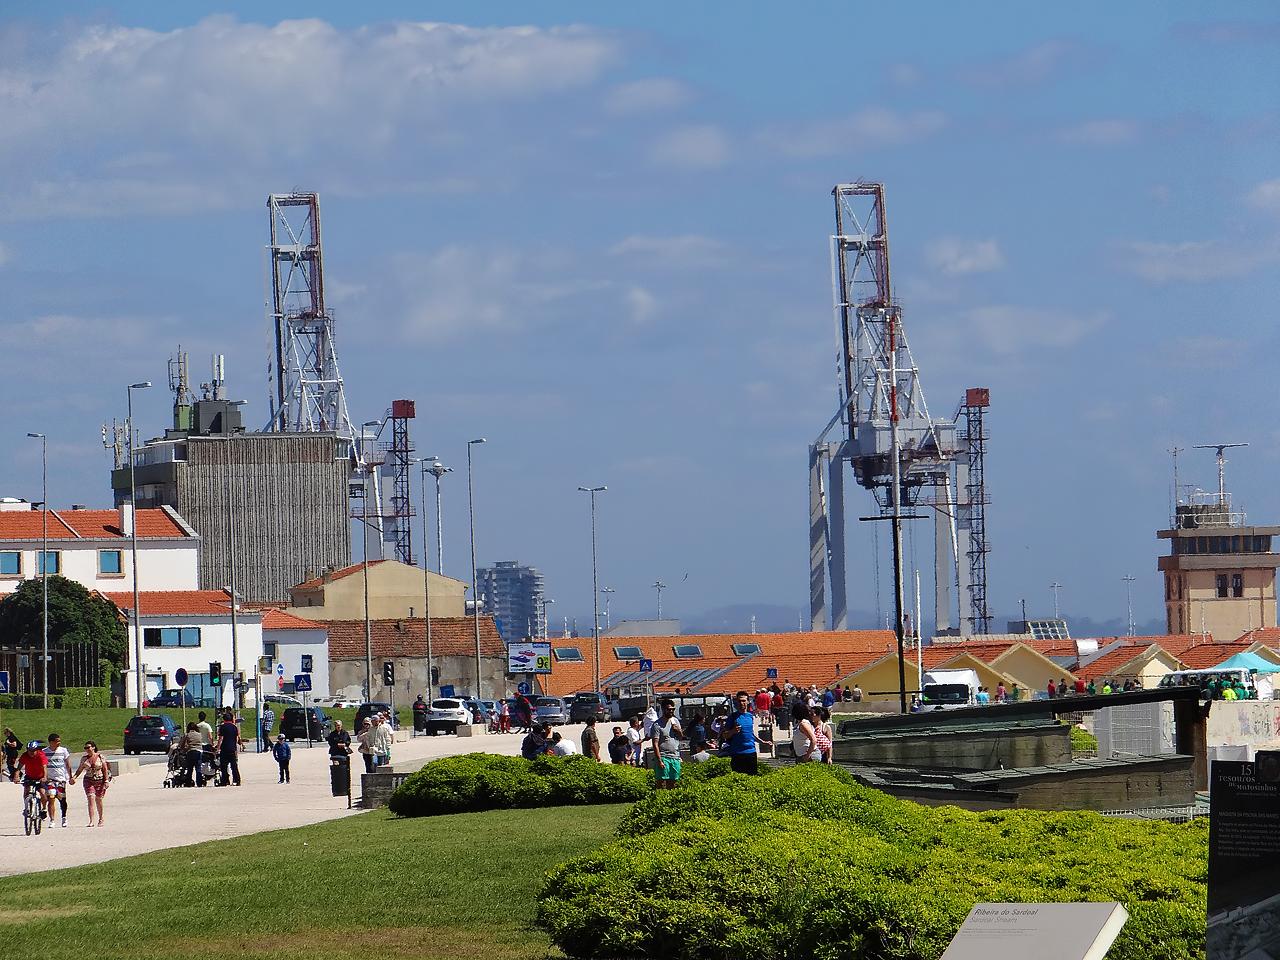 Les grues du port de Leixões (plus de 50 mètres)